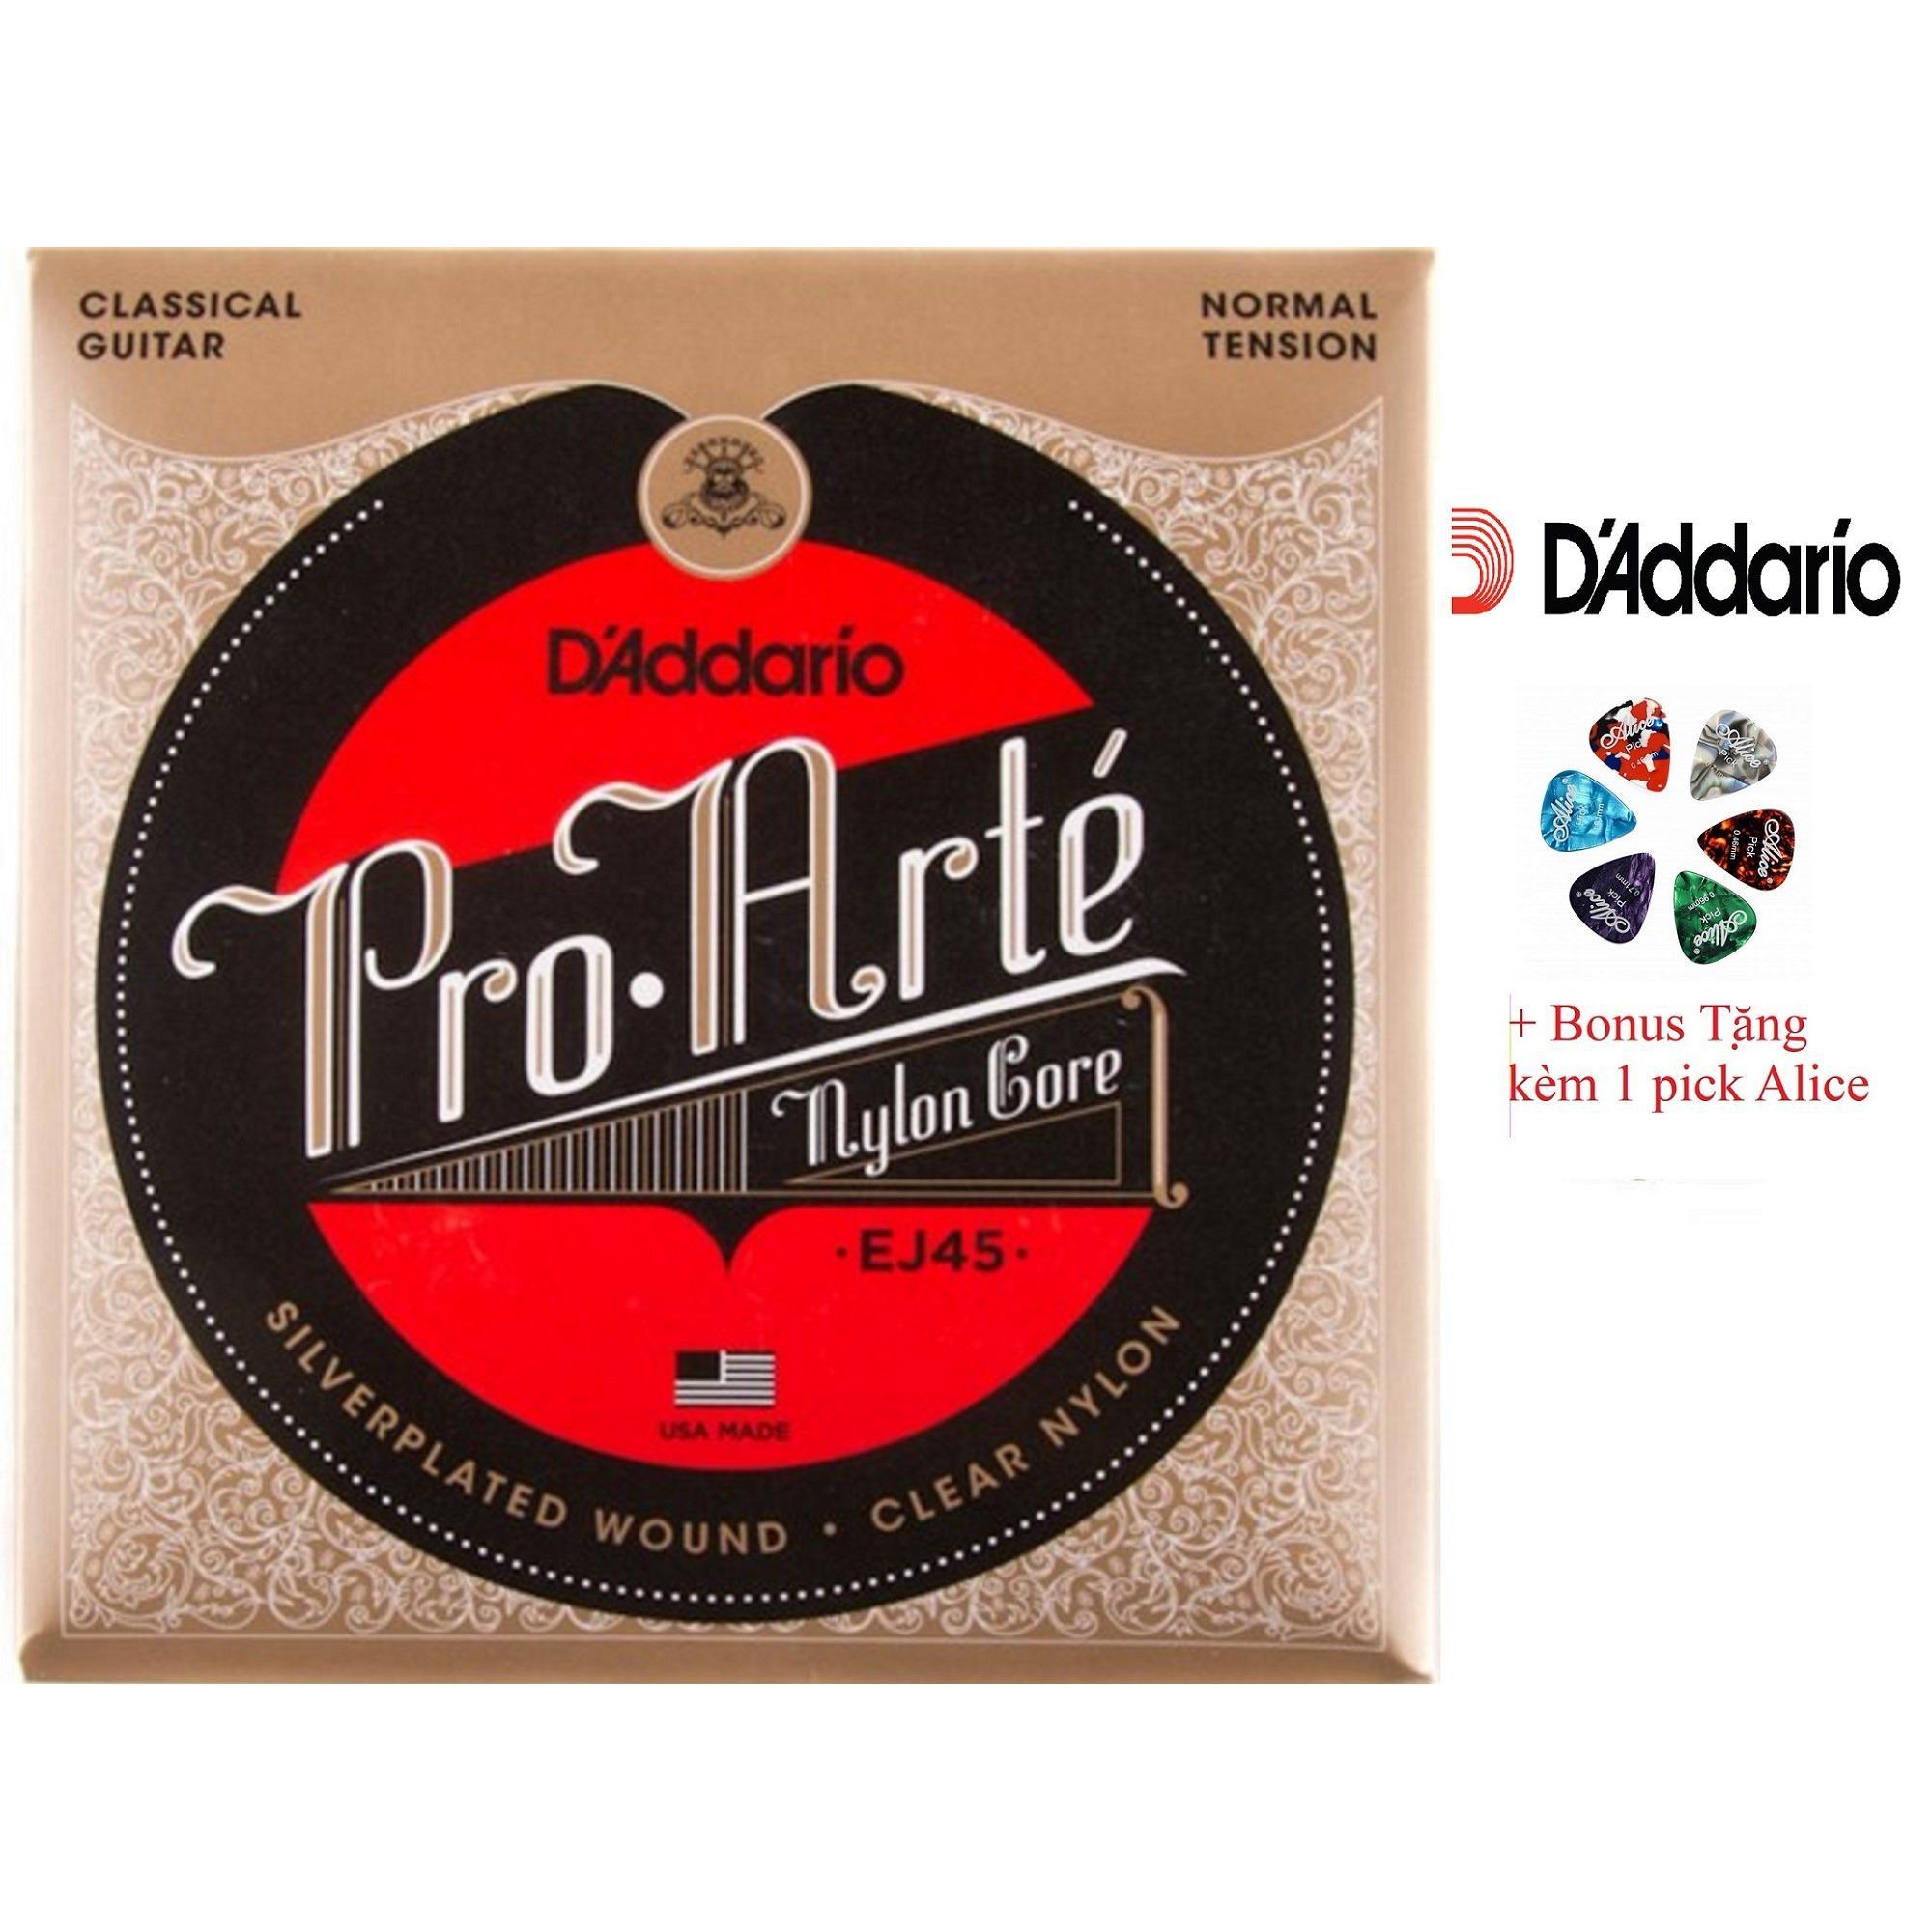 Giá Bán Bộ Hộp 6 Day Đan Guitar Classic D Addario Ej45 Cao Cấp Pick Alice Mới Rẻ